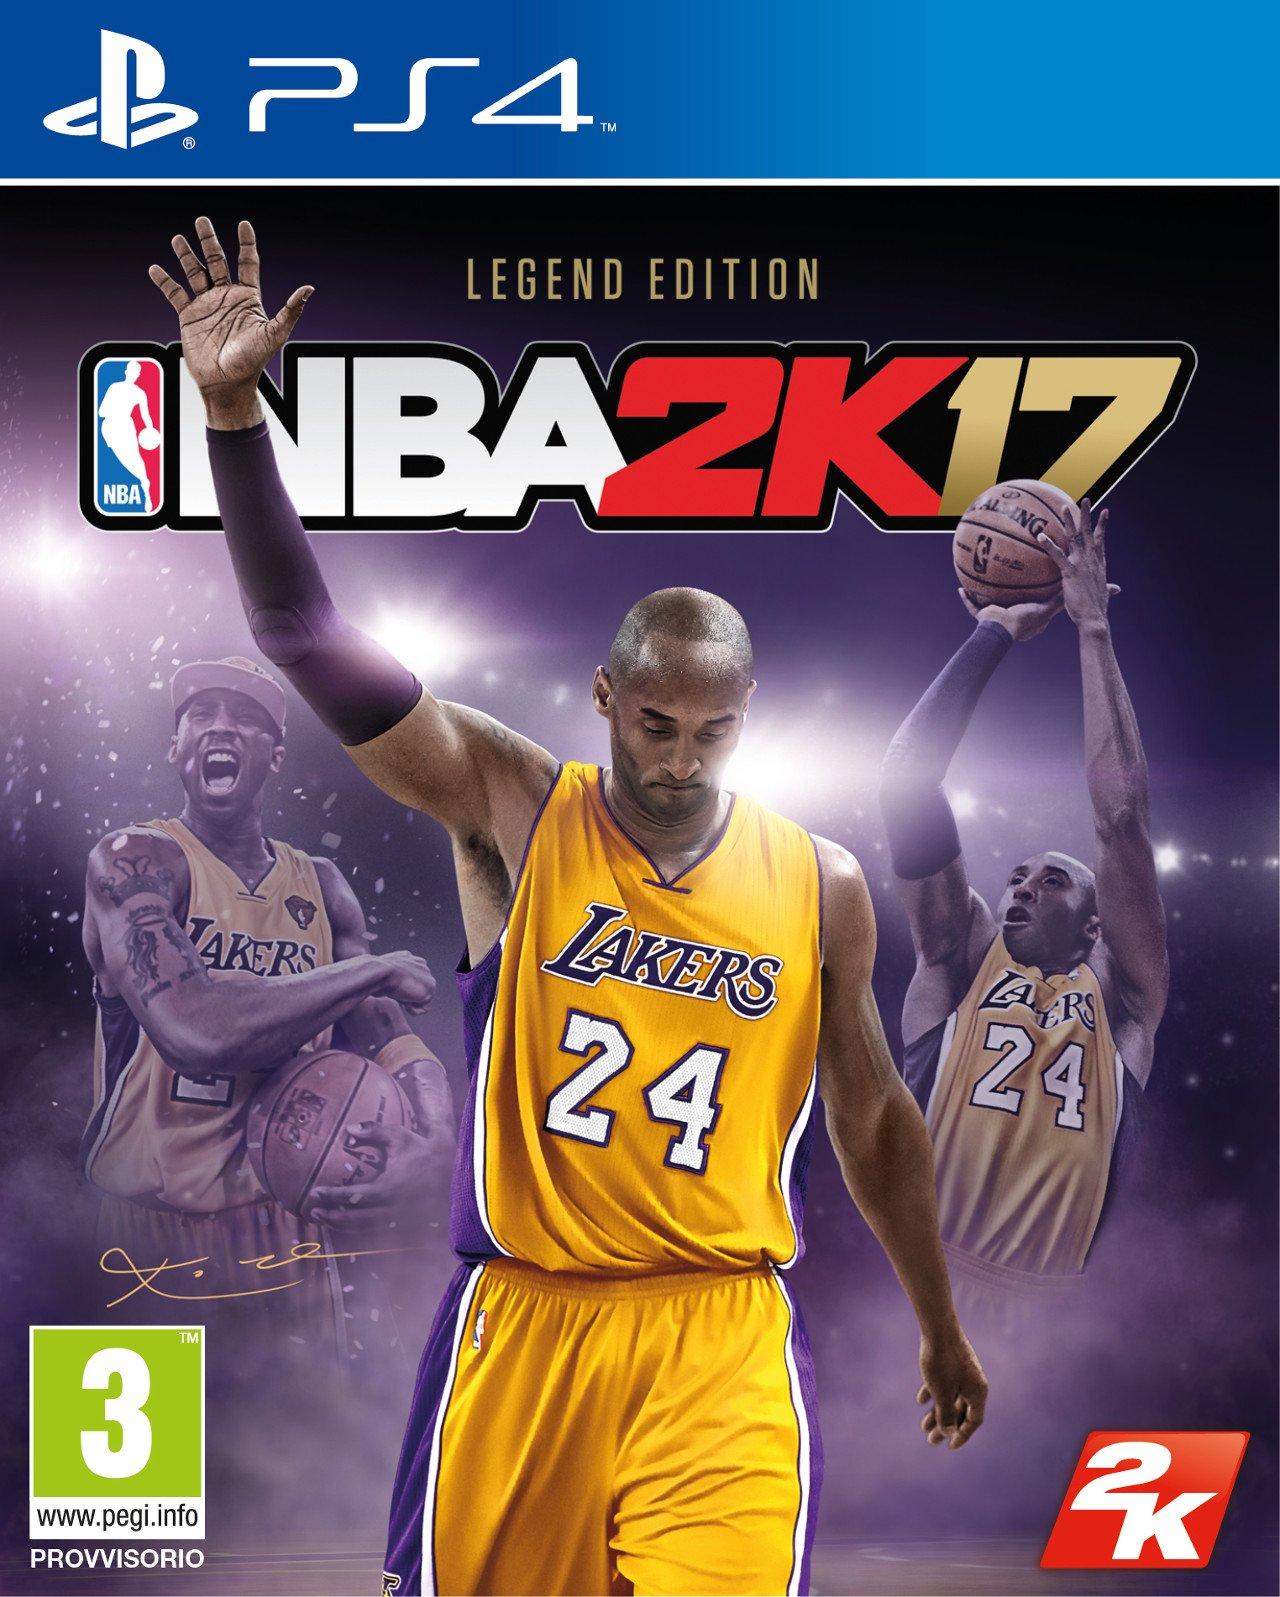 NBA 2K17: Kobe Bryant sarà l'uomo copertina della Legend Edition